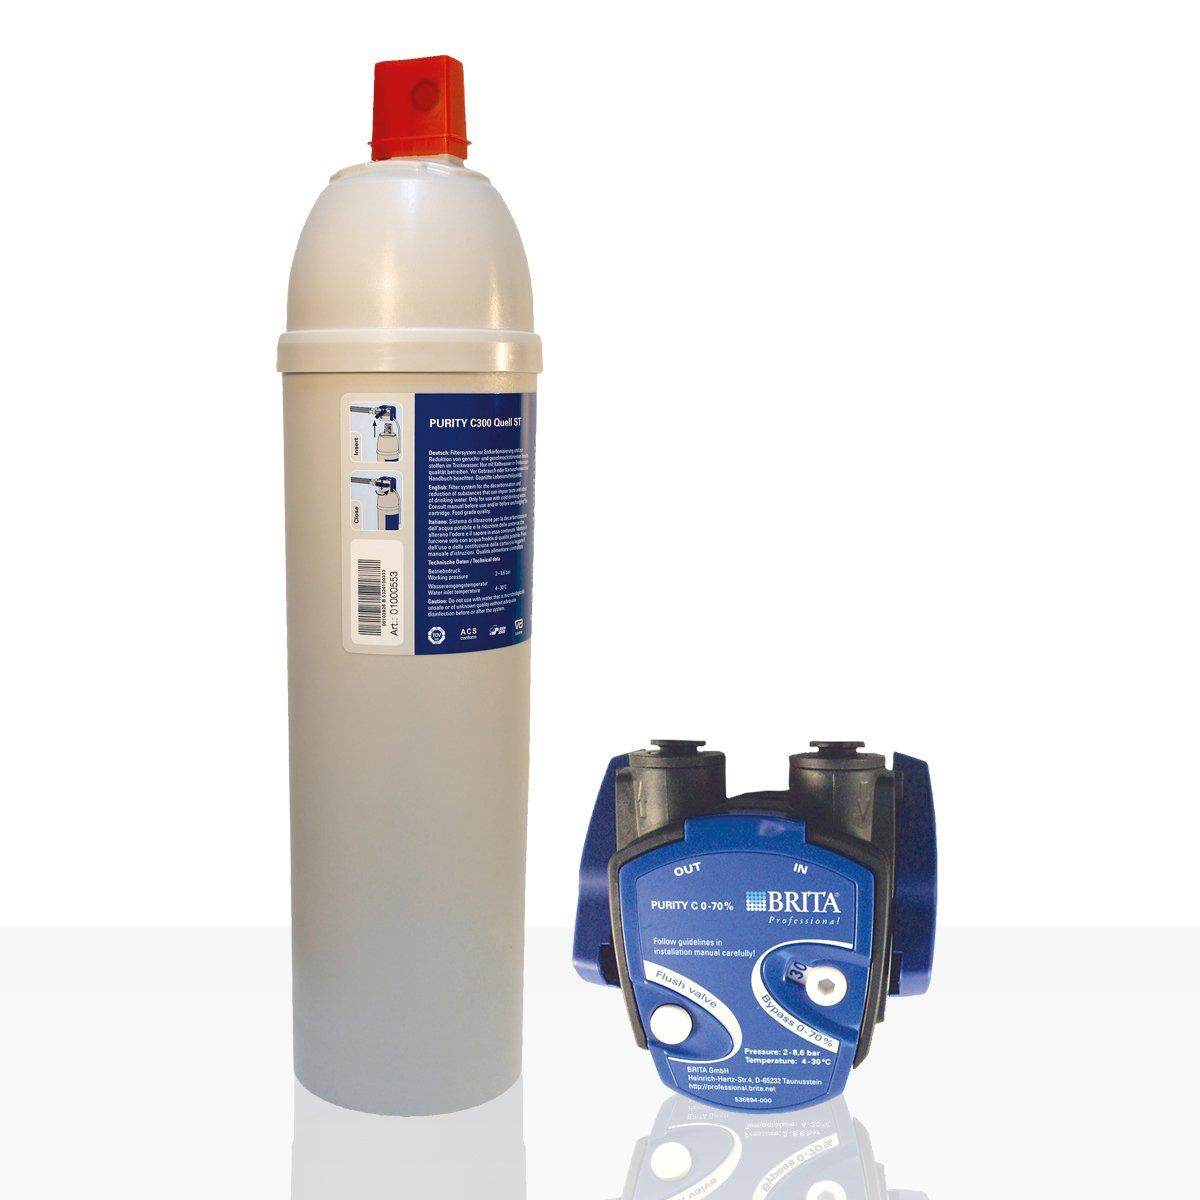 BRITA Purity C 300 Quell ST - Juego de cabezales de filtro, cartucho de filtro: Amazon.es: Hogar